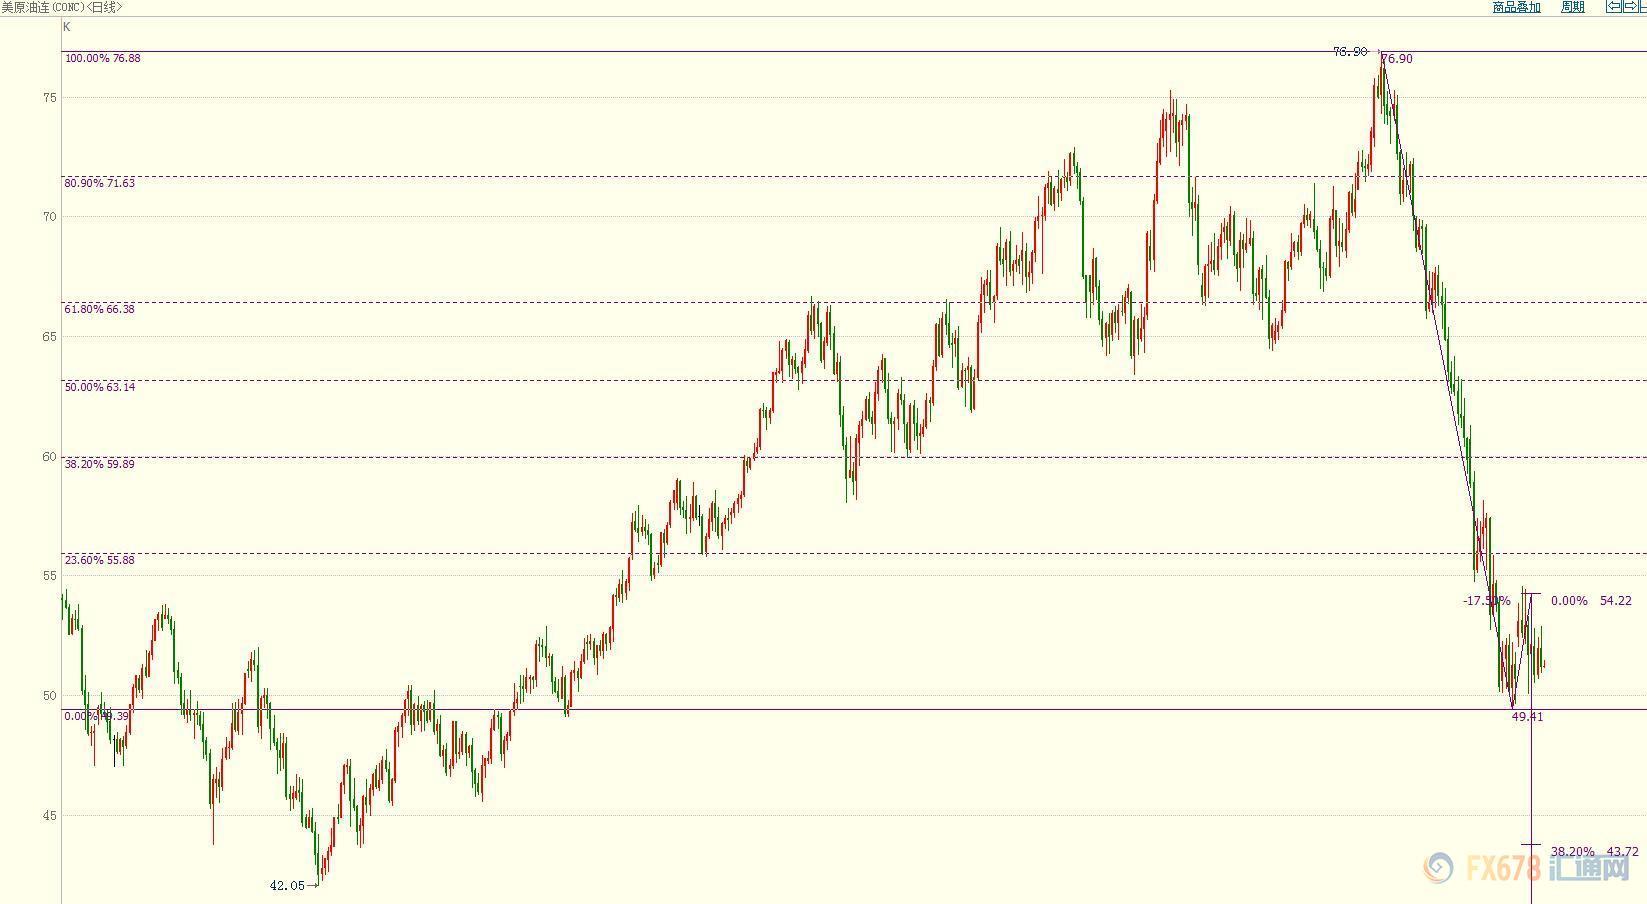 油价要一连止跌逆弹势头,起码须站稳55.90美元上方,它是76.90-49.41美元下走区间的23.6%斐波那契回档位。